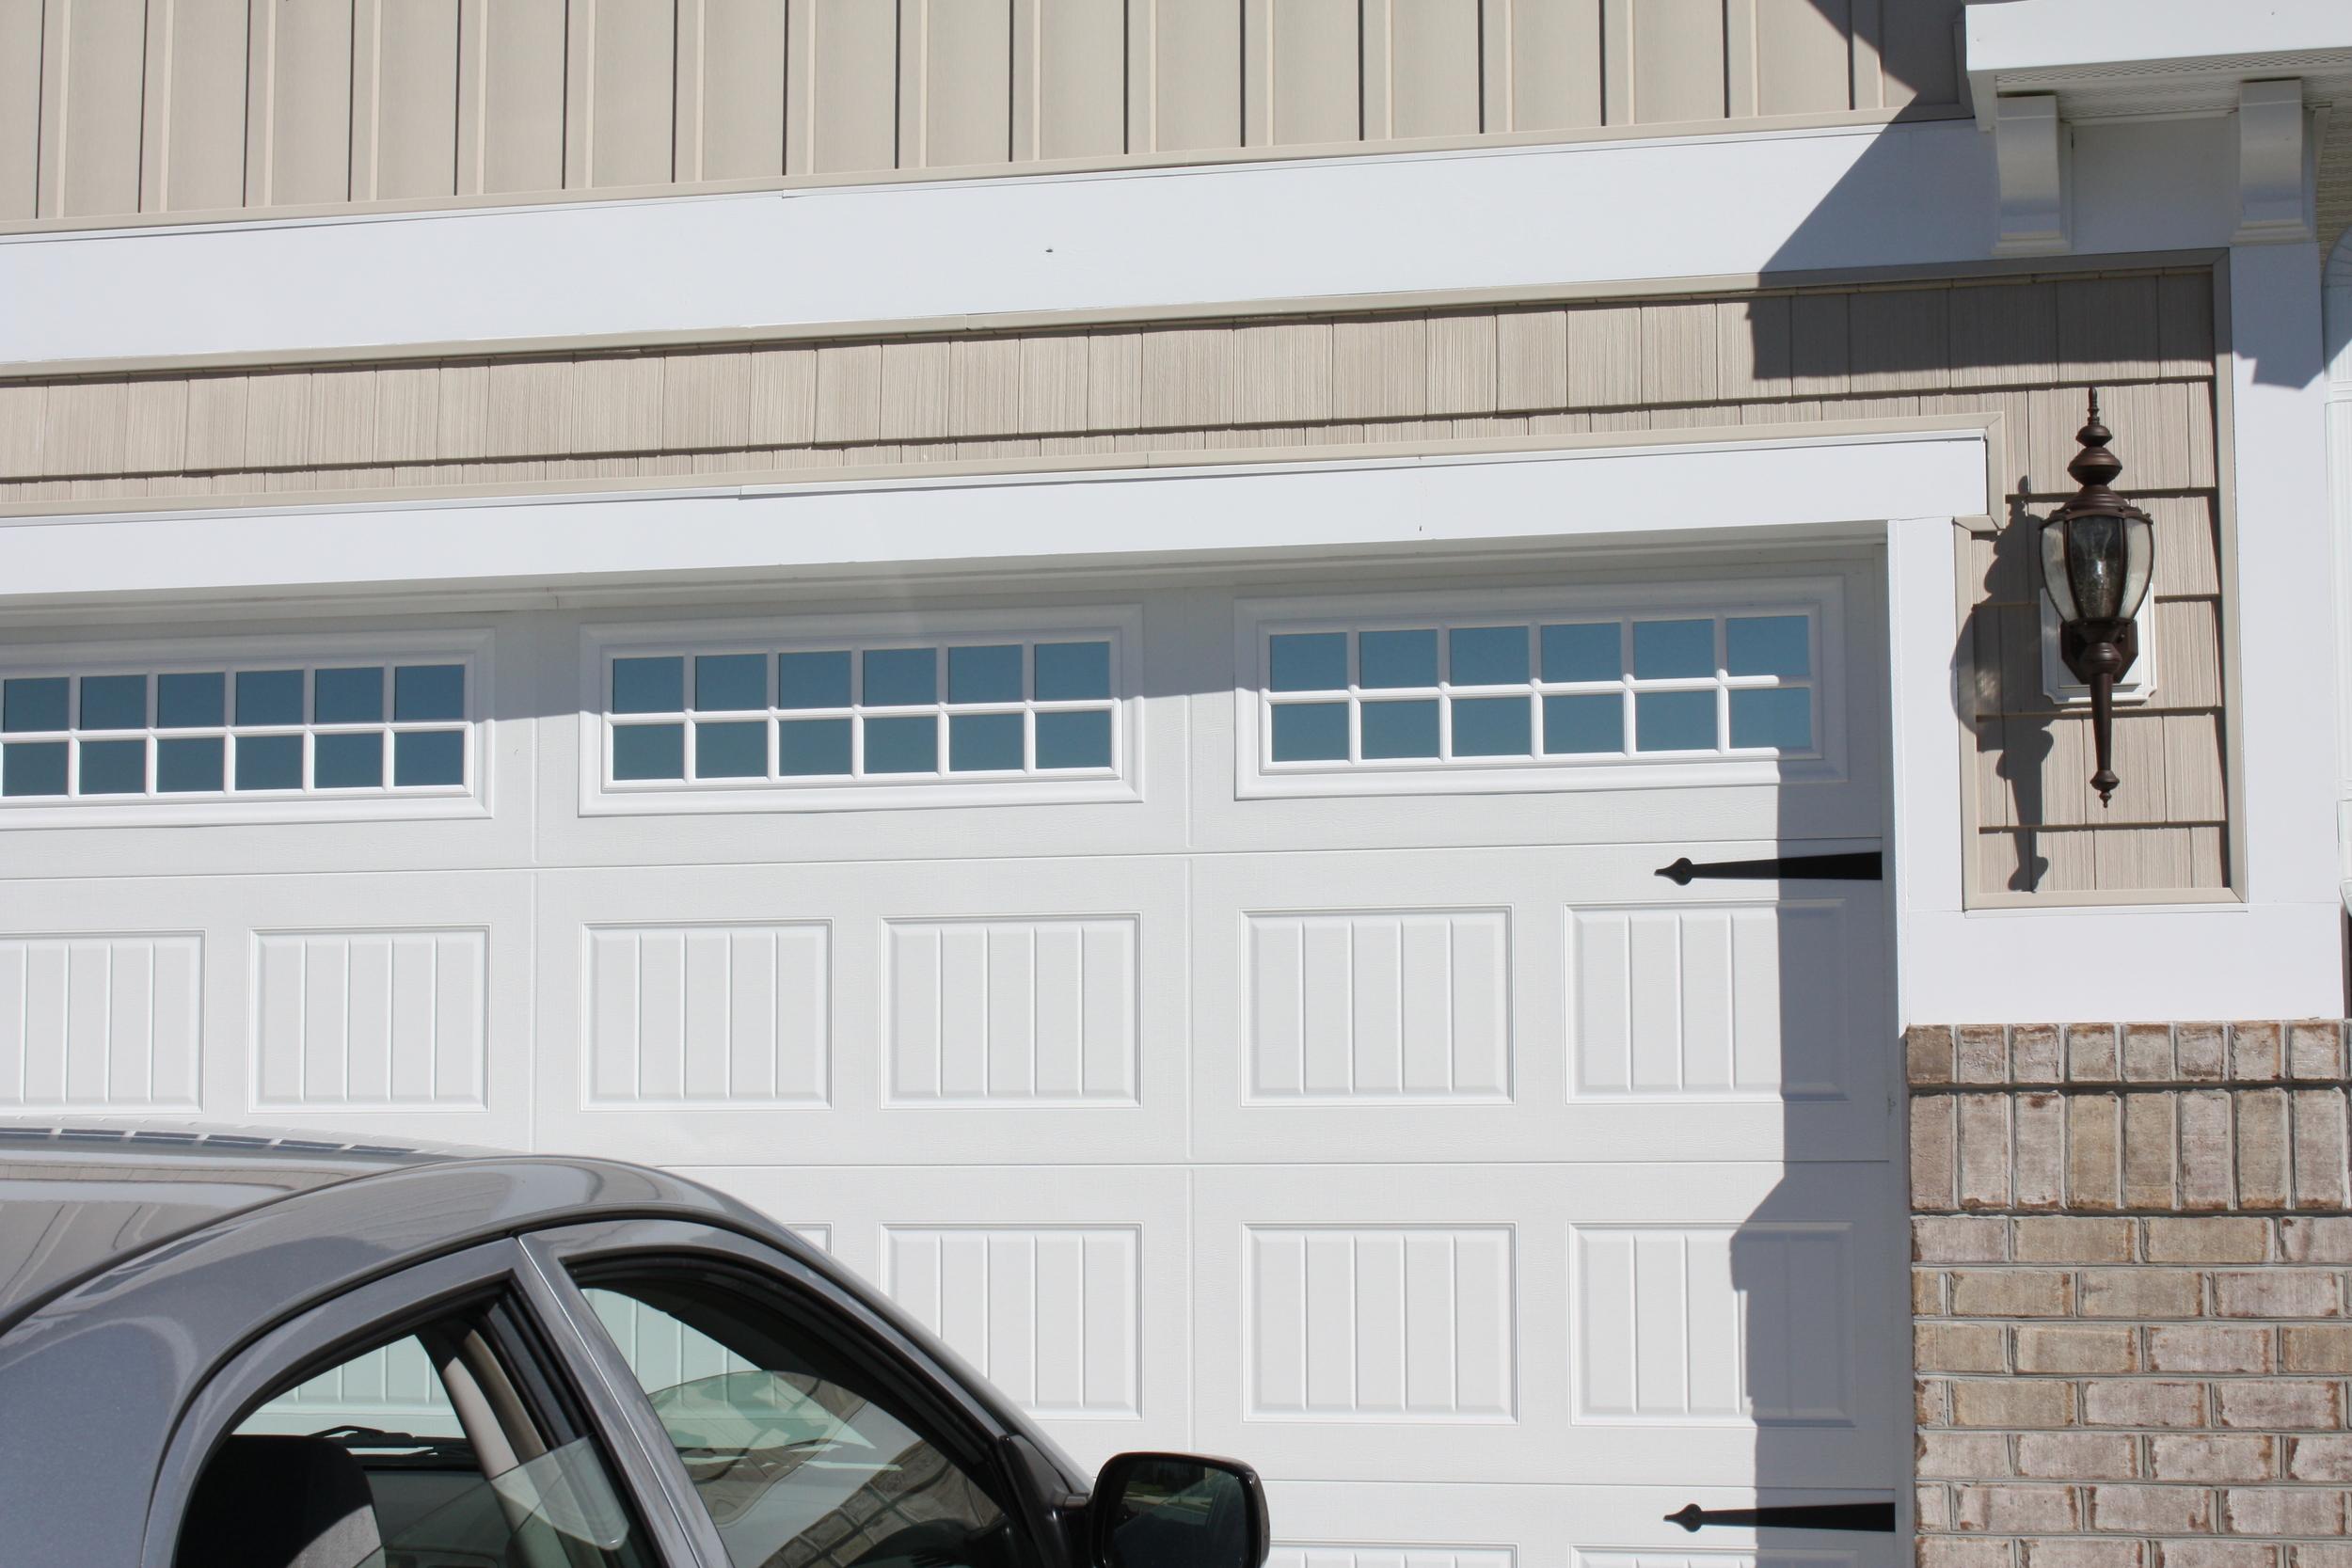 Garage Windows Tinted.JPG